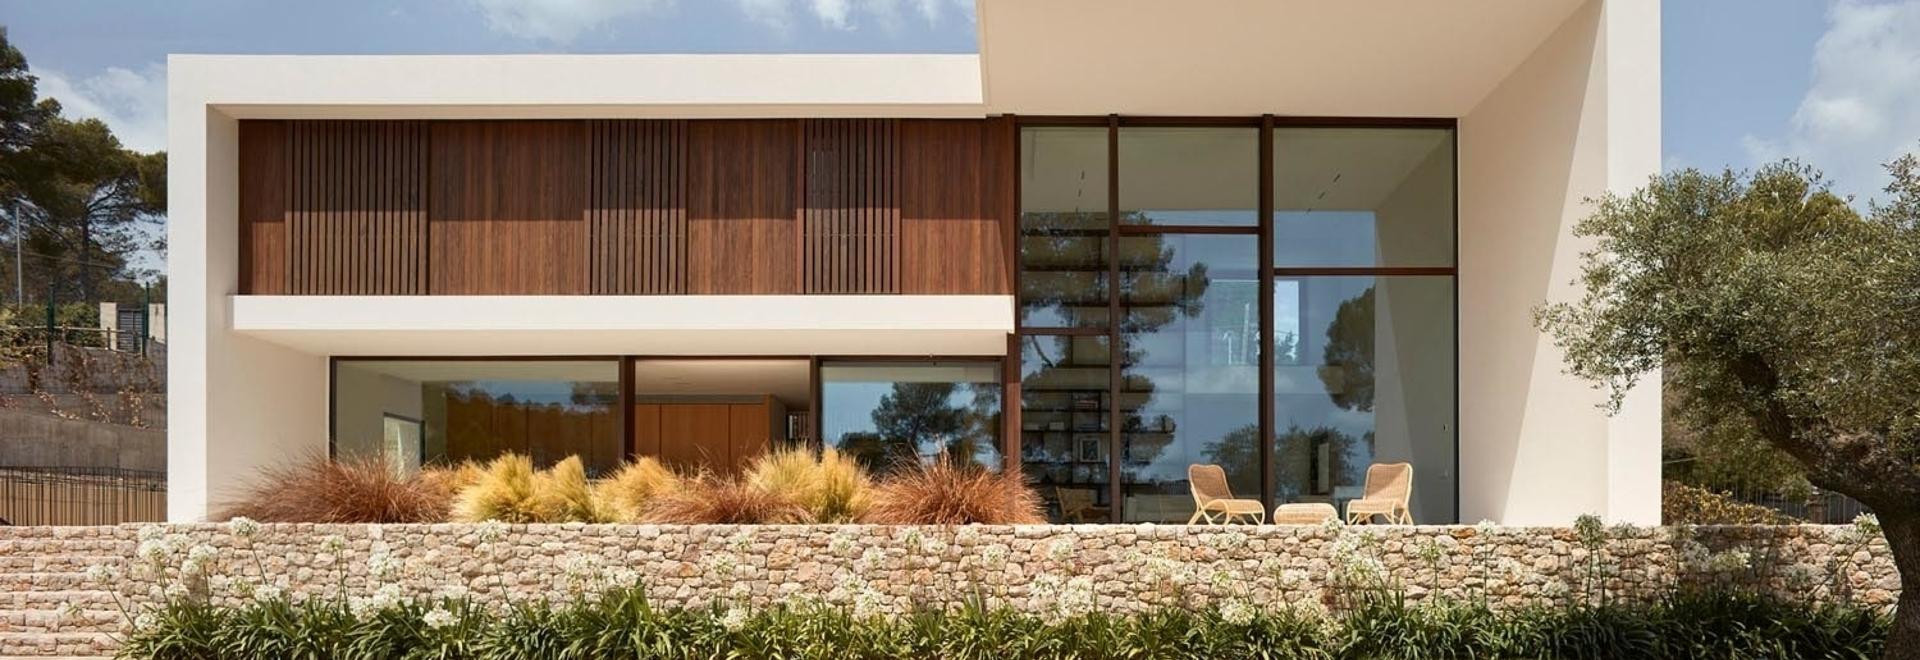 Des murs épais en béton donnent une forte présence à cette nouvelle maison